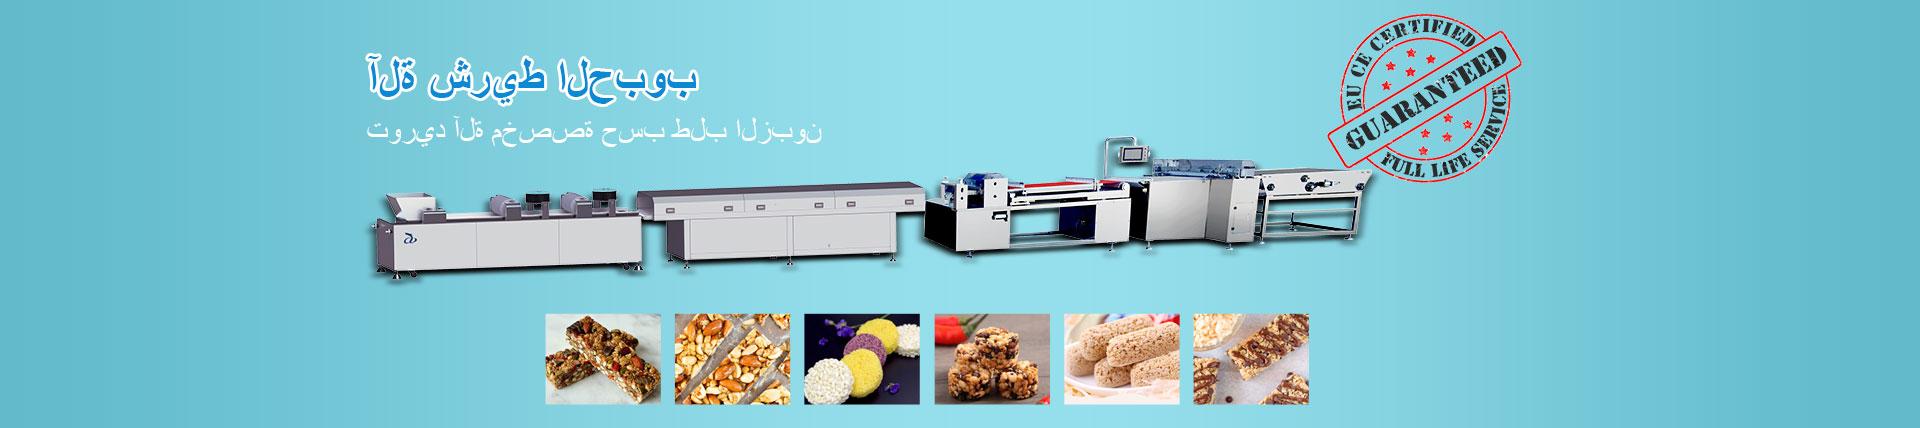 آلة شريط الحبوب